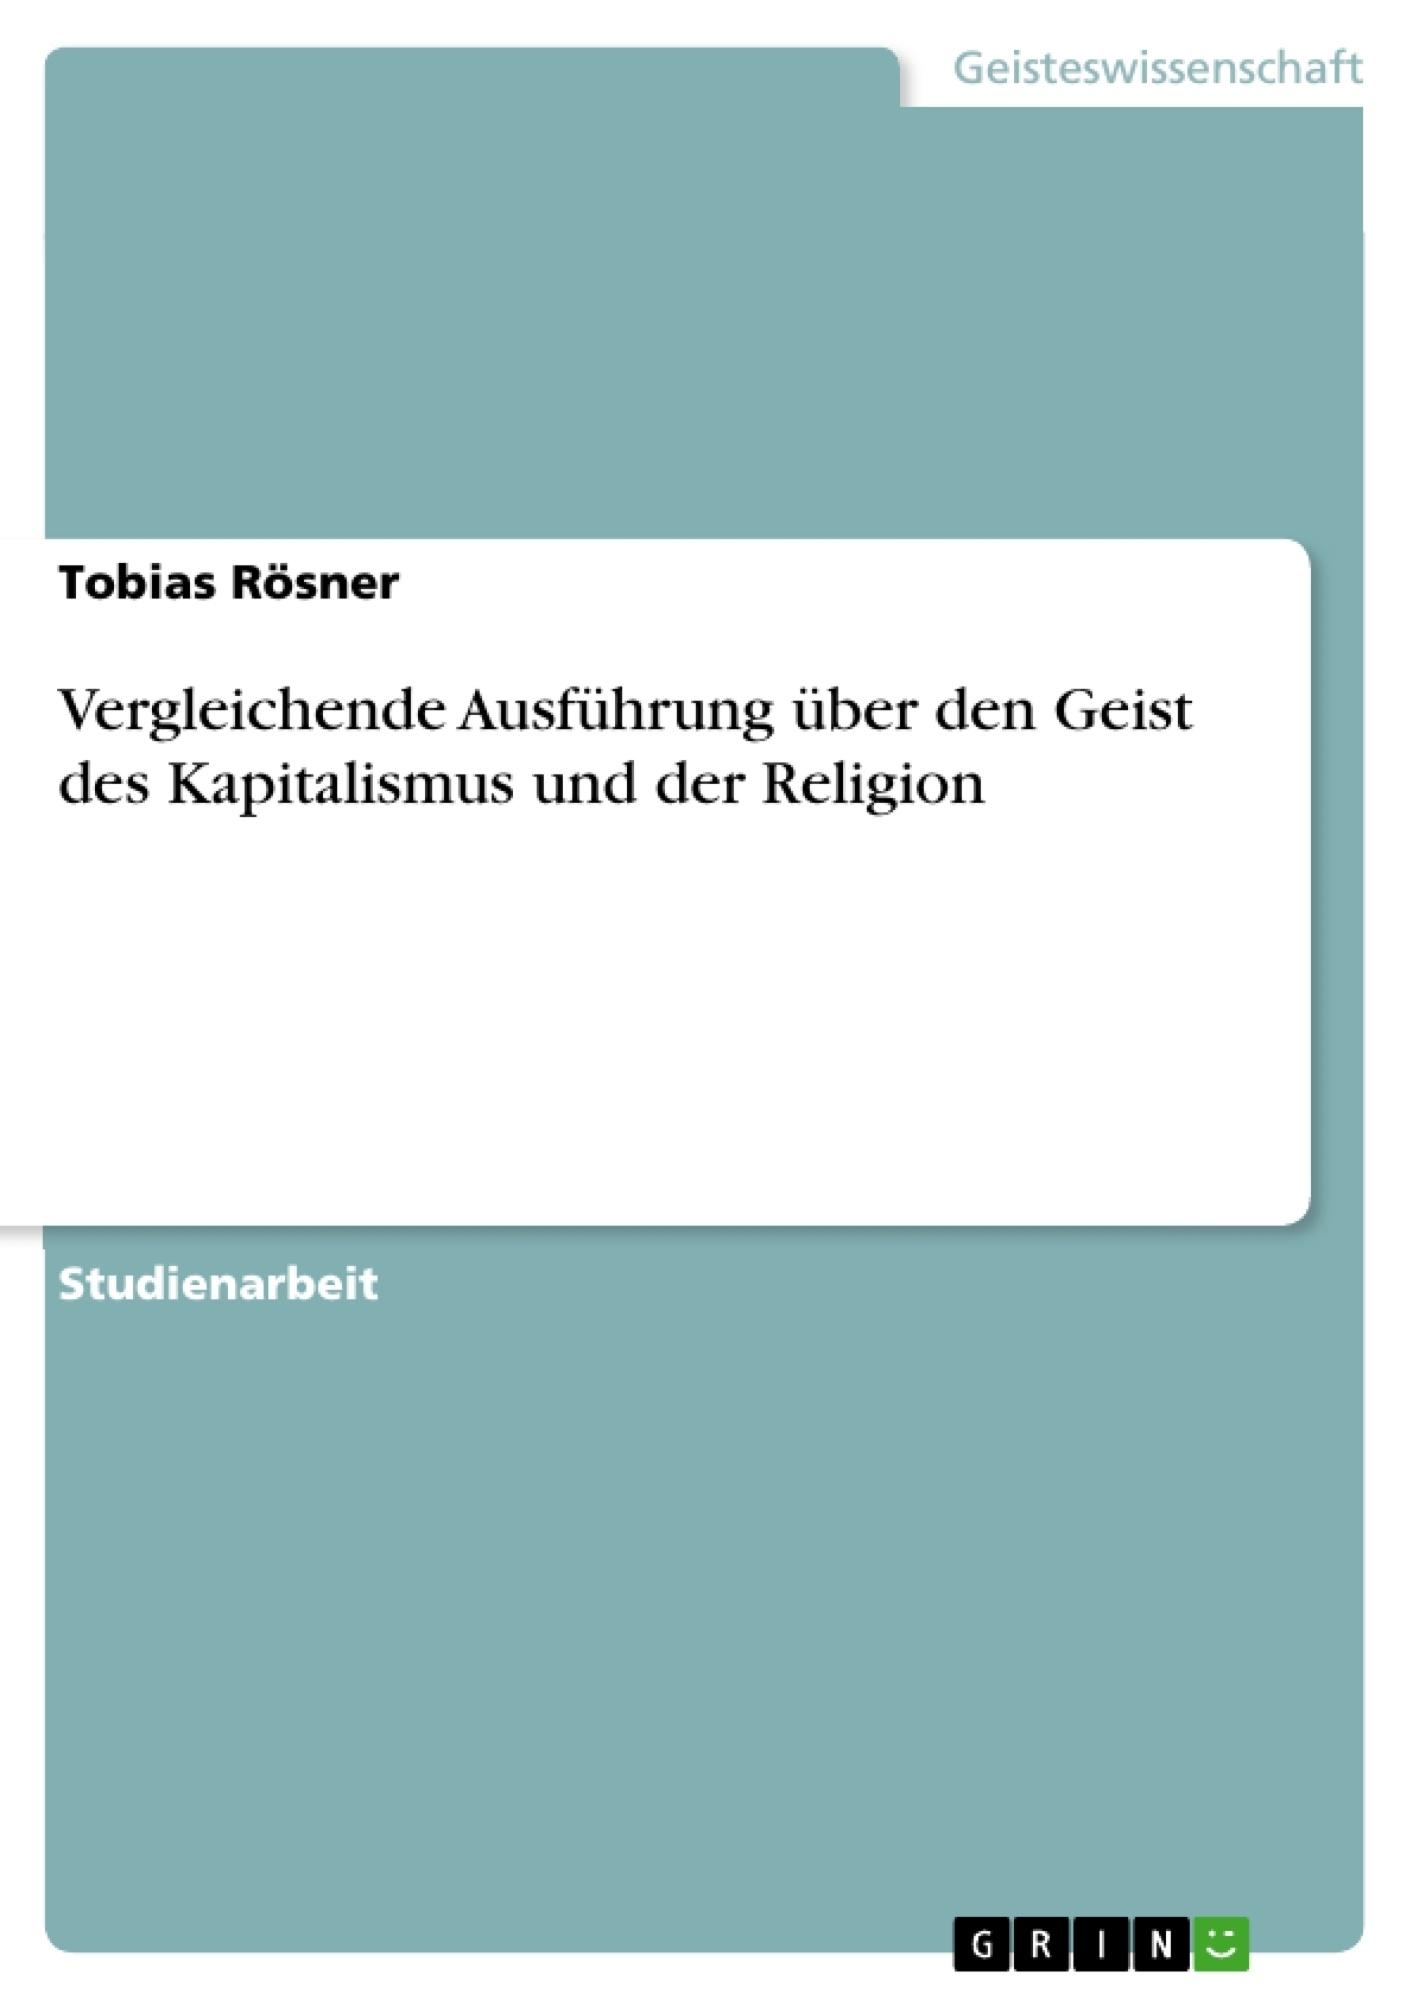 Titel: Vergleichende Ausführung über den Geist des Kapitalismus und der Religion